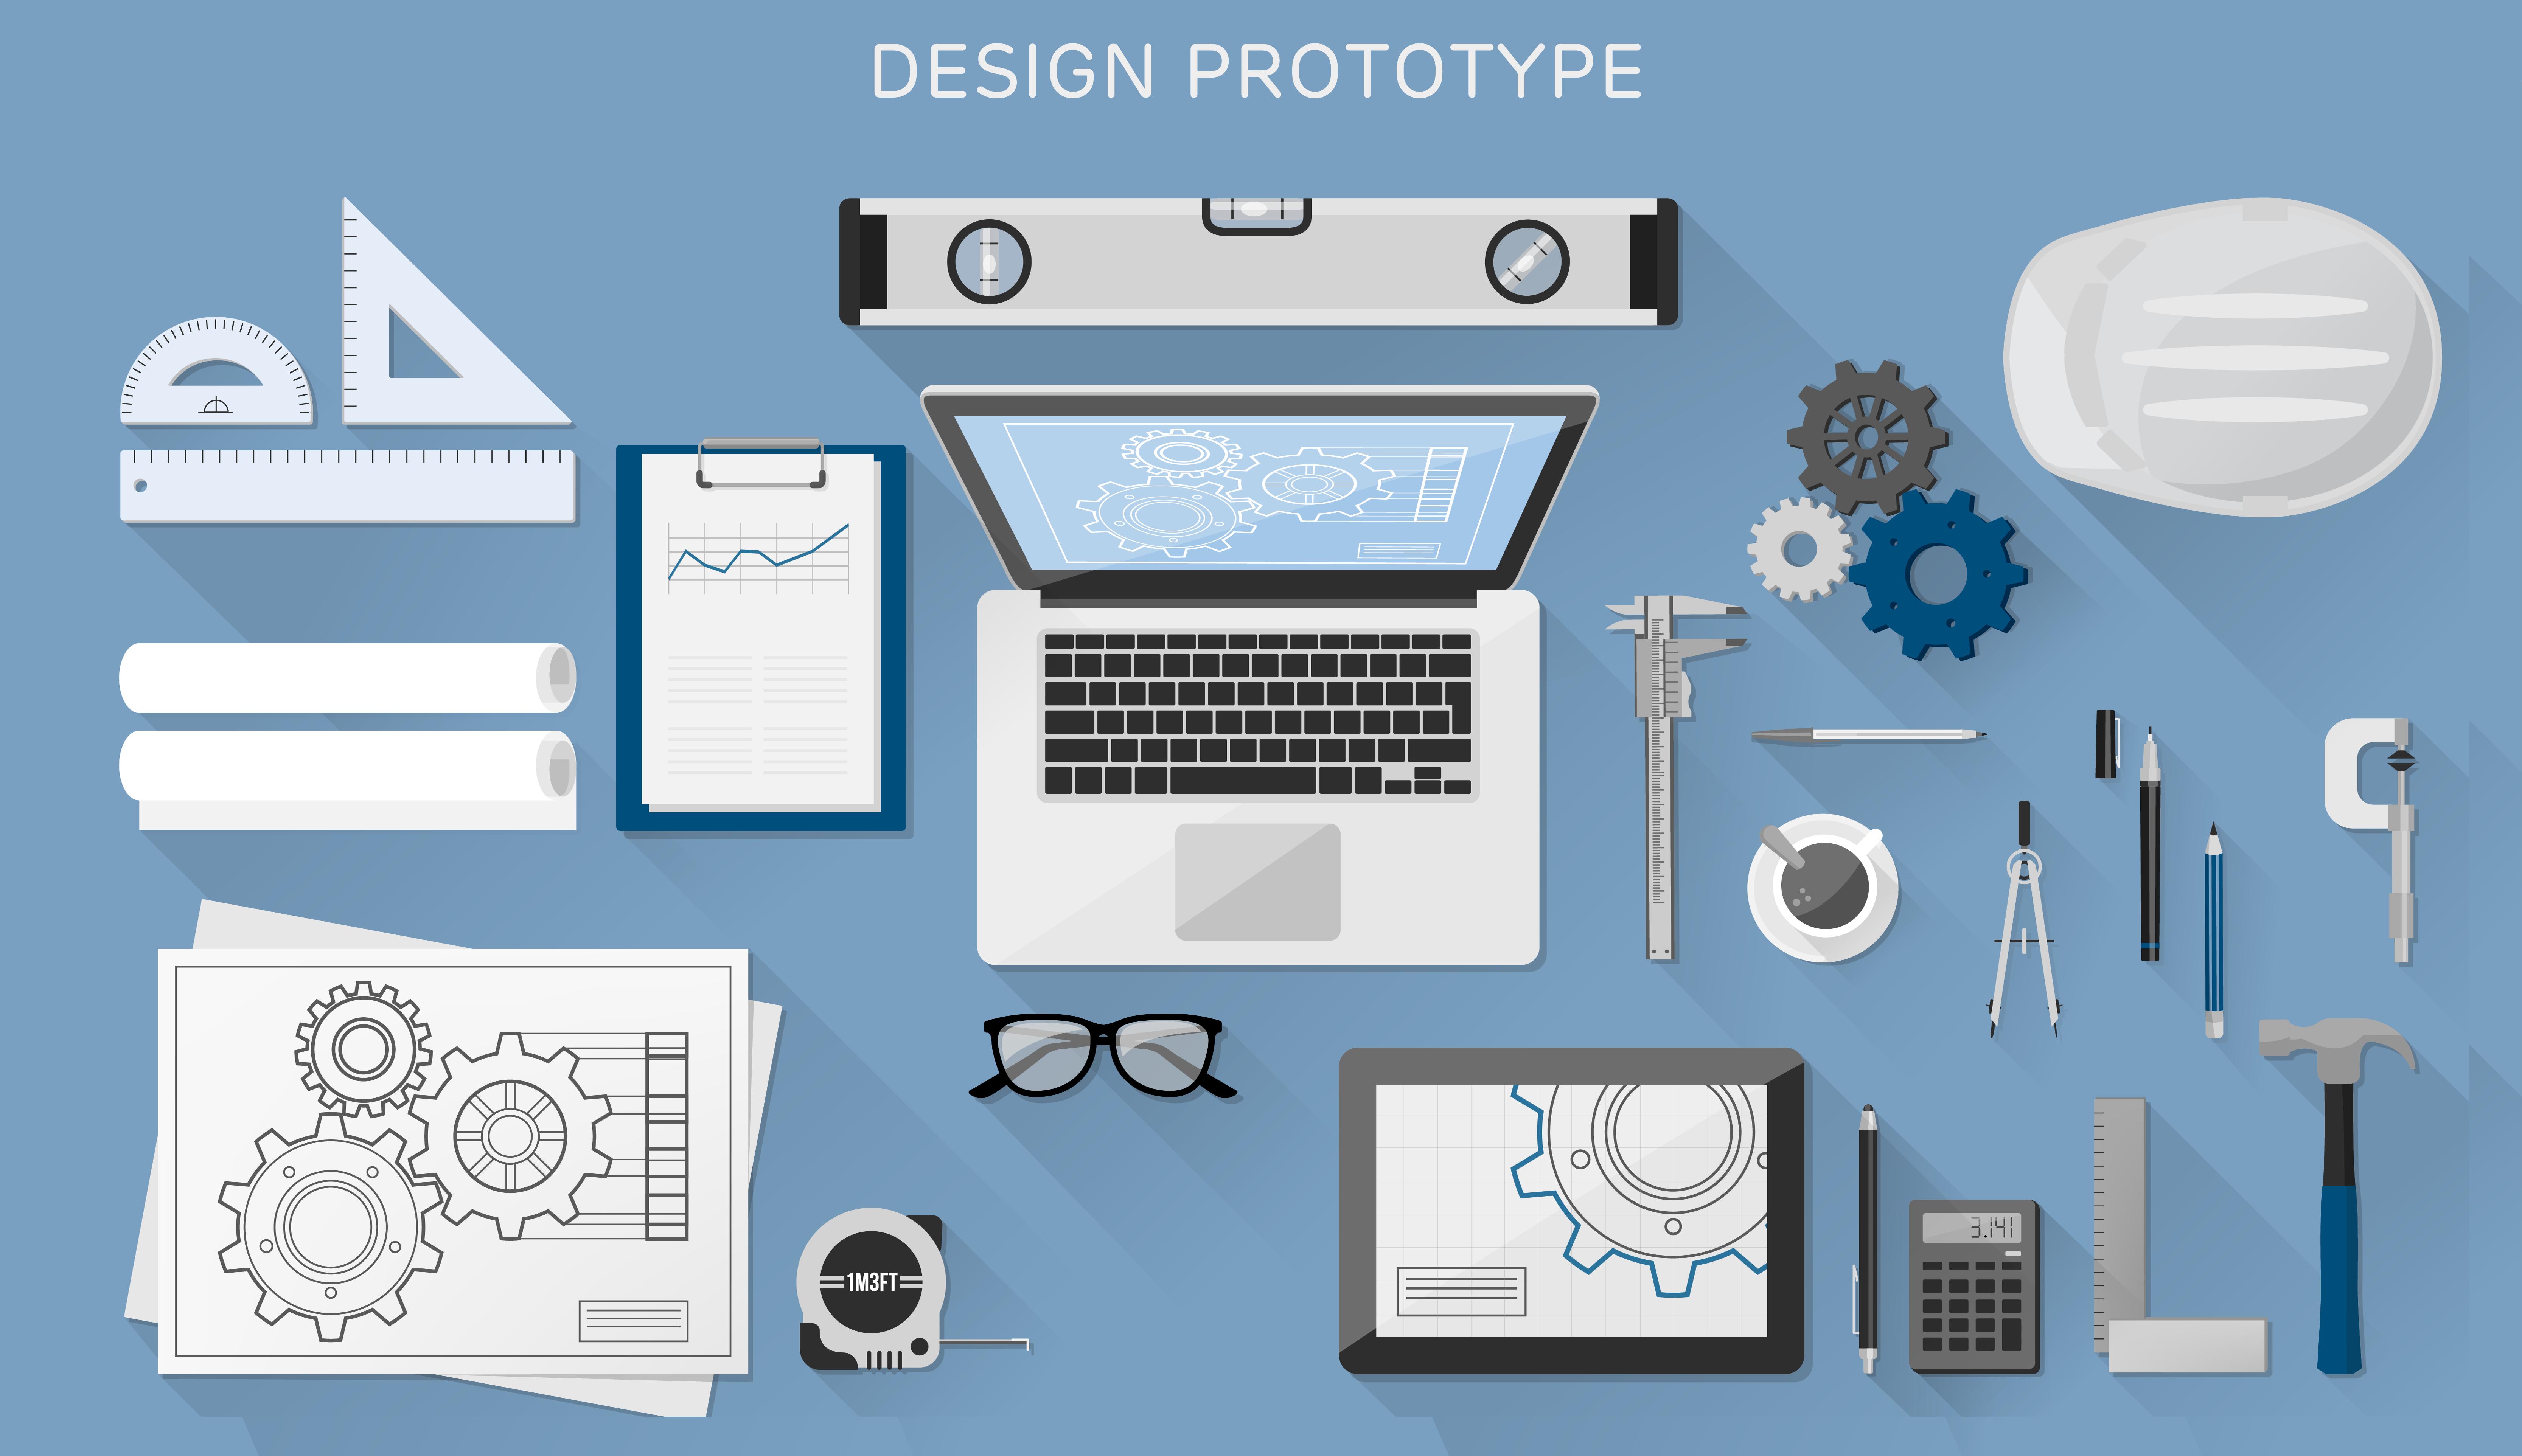 Design Prototype